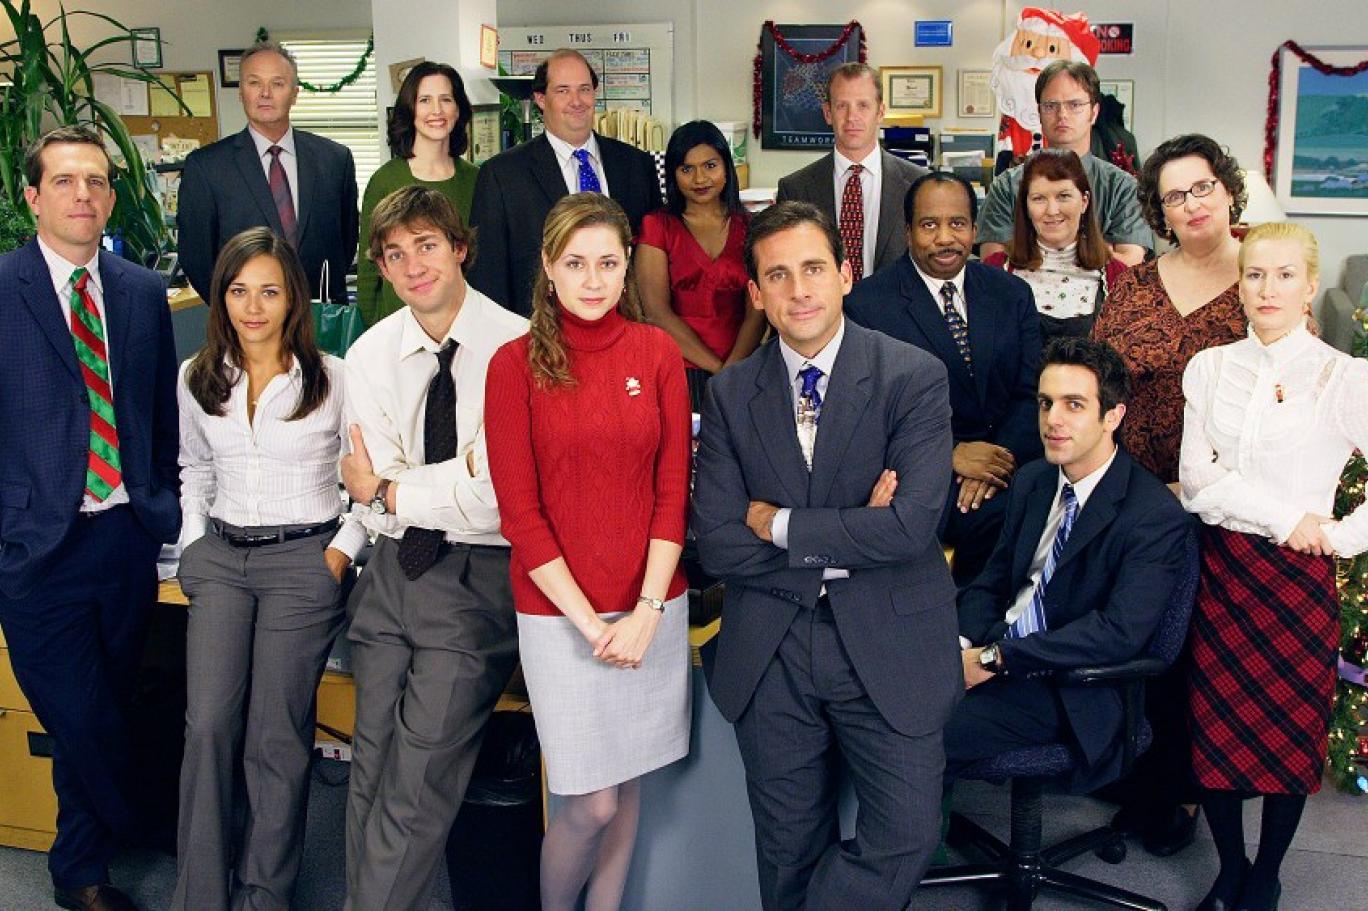 NBC, The Office ekibini yeniden bir araya getirmeyi planlıyor   Independent  Türkçe